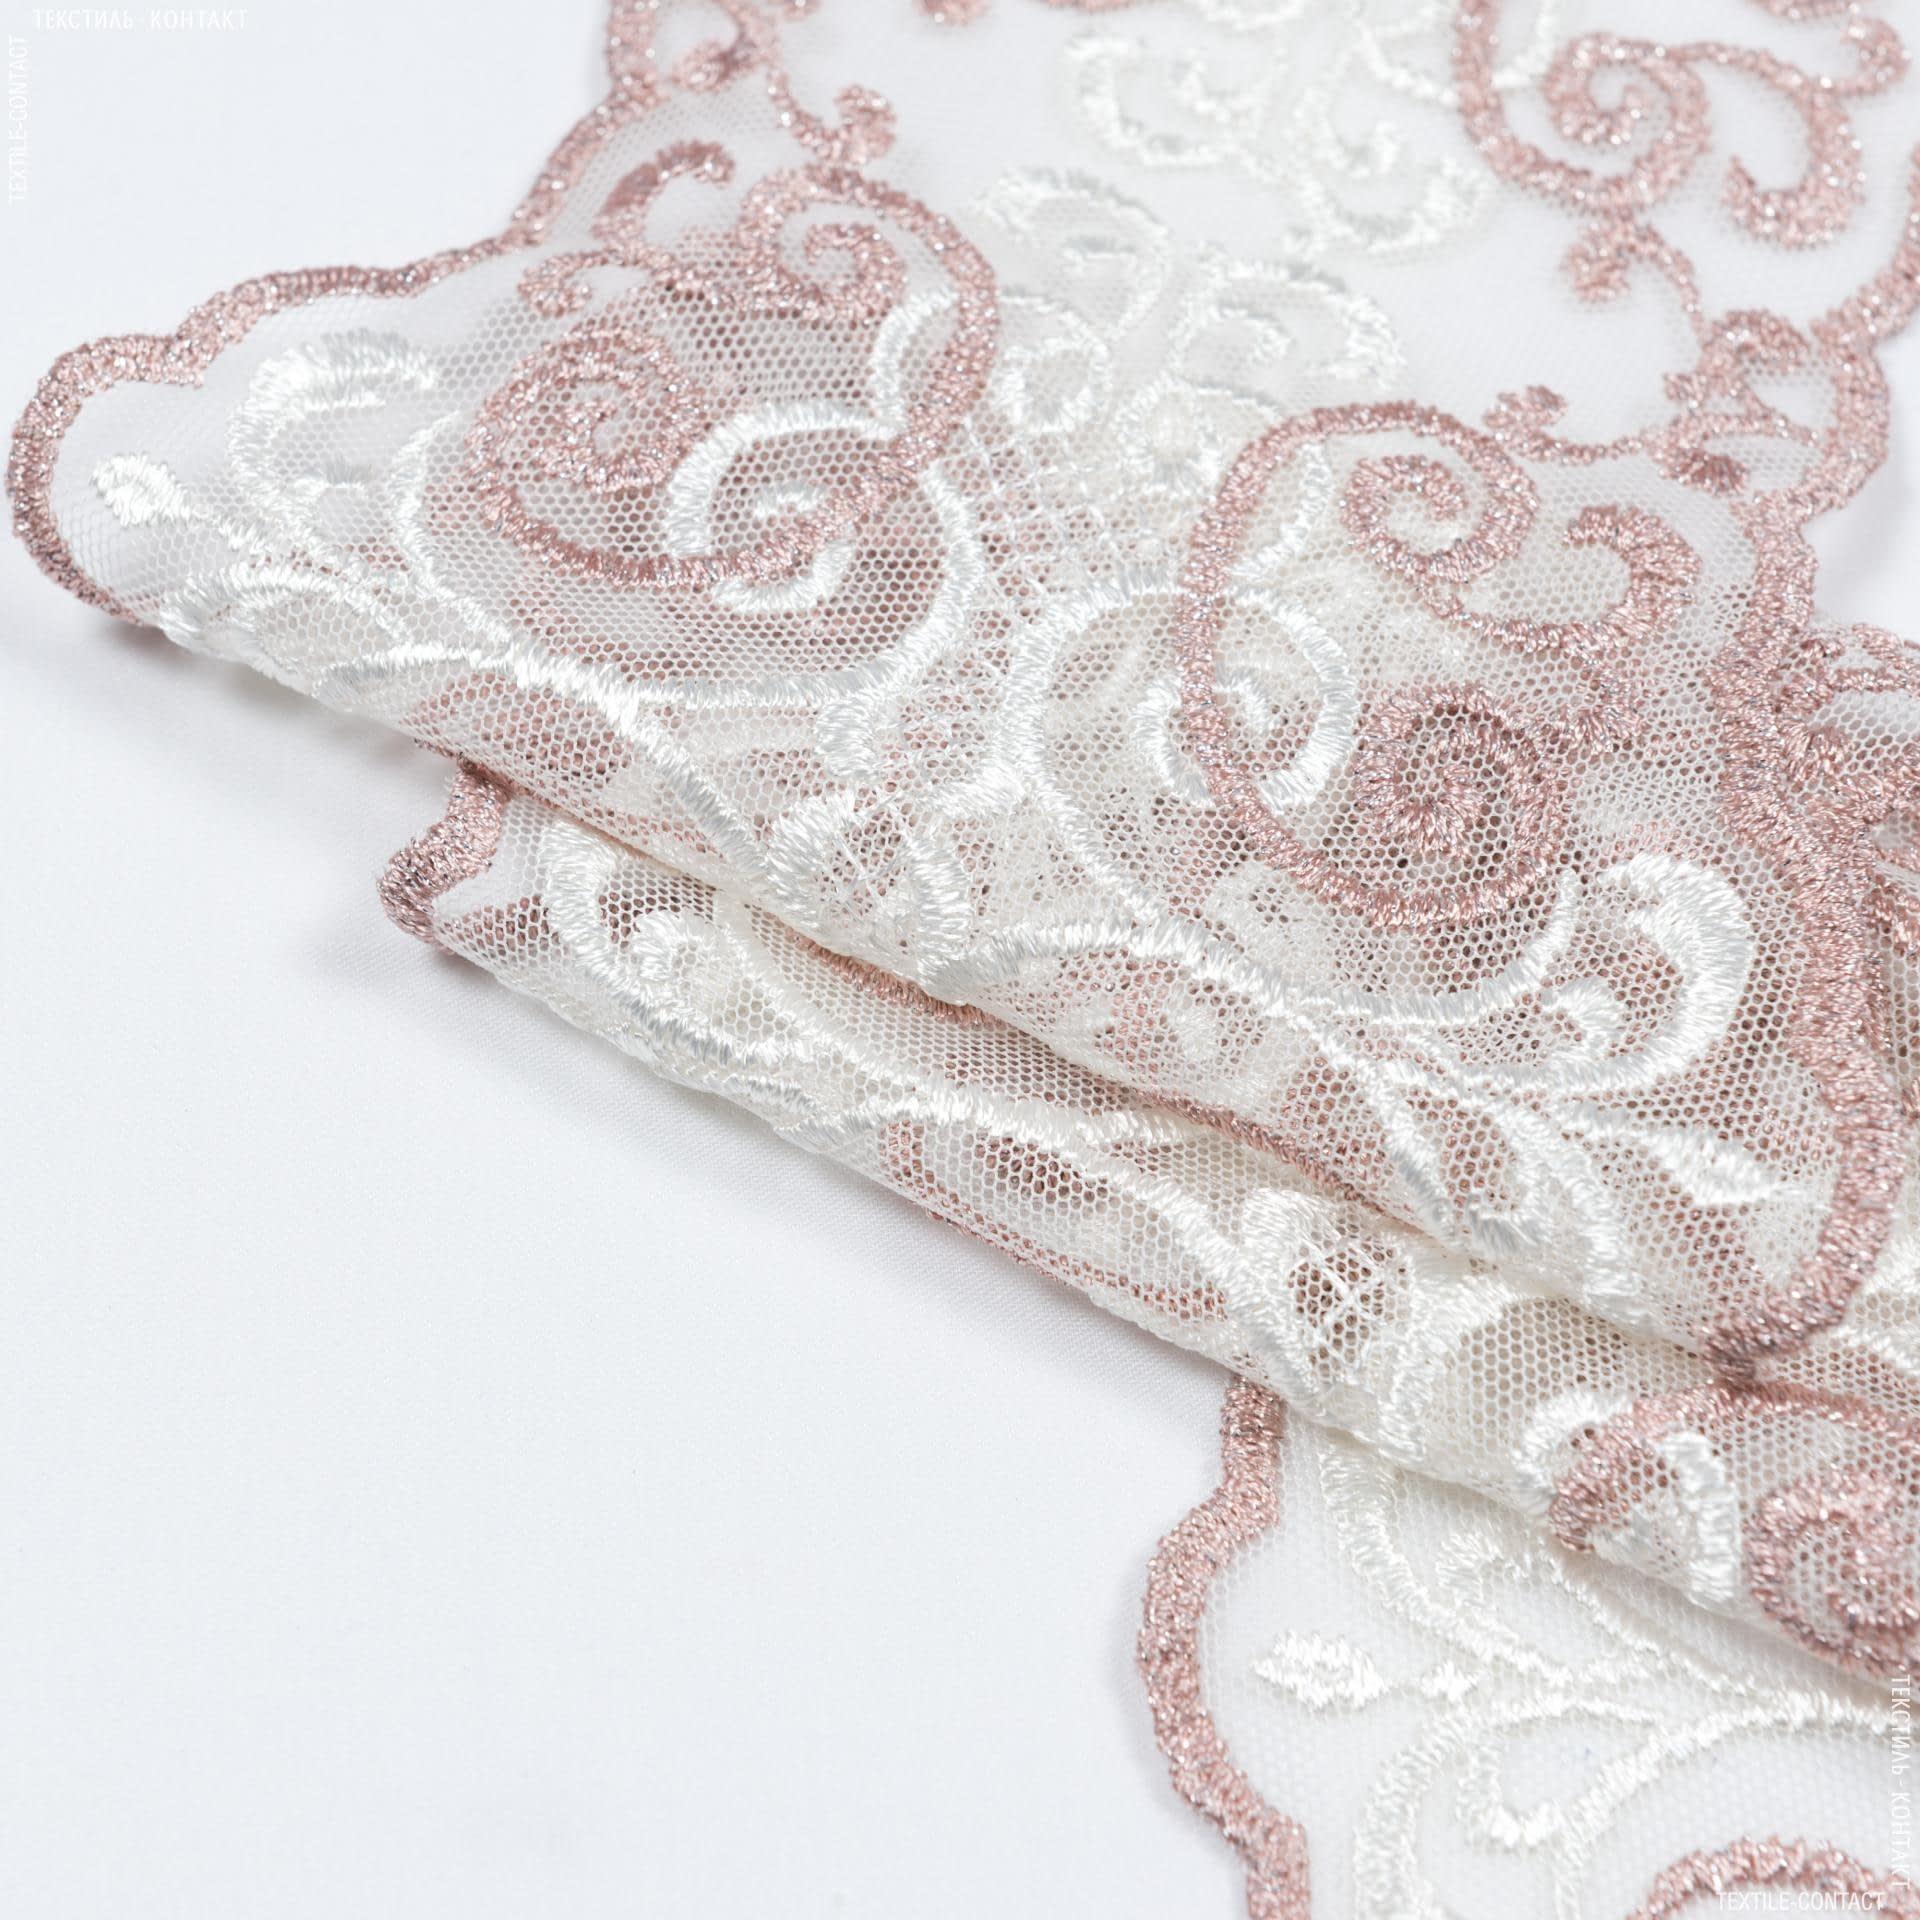 Тканини для печворку - Декоративне мереживо лівія / молочний,фрез  16 см